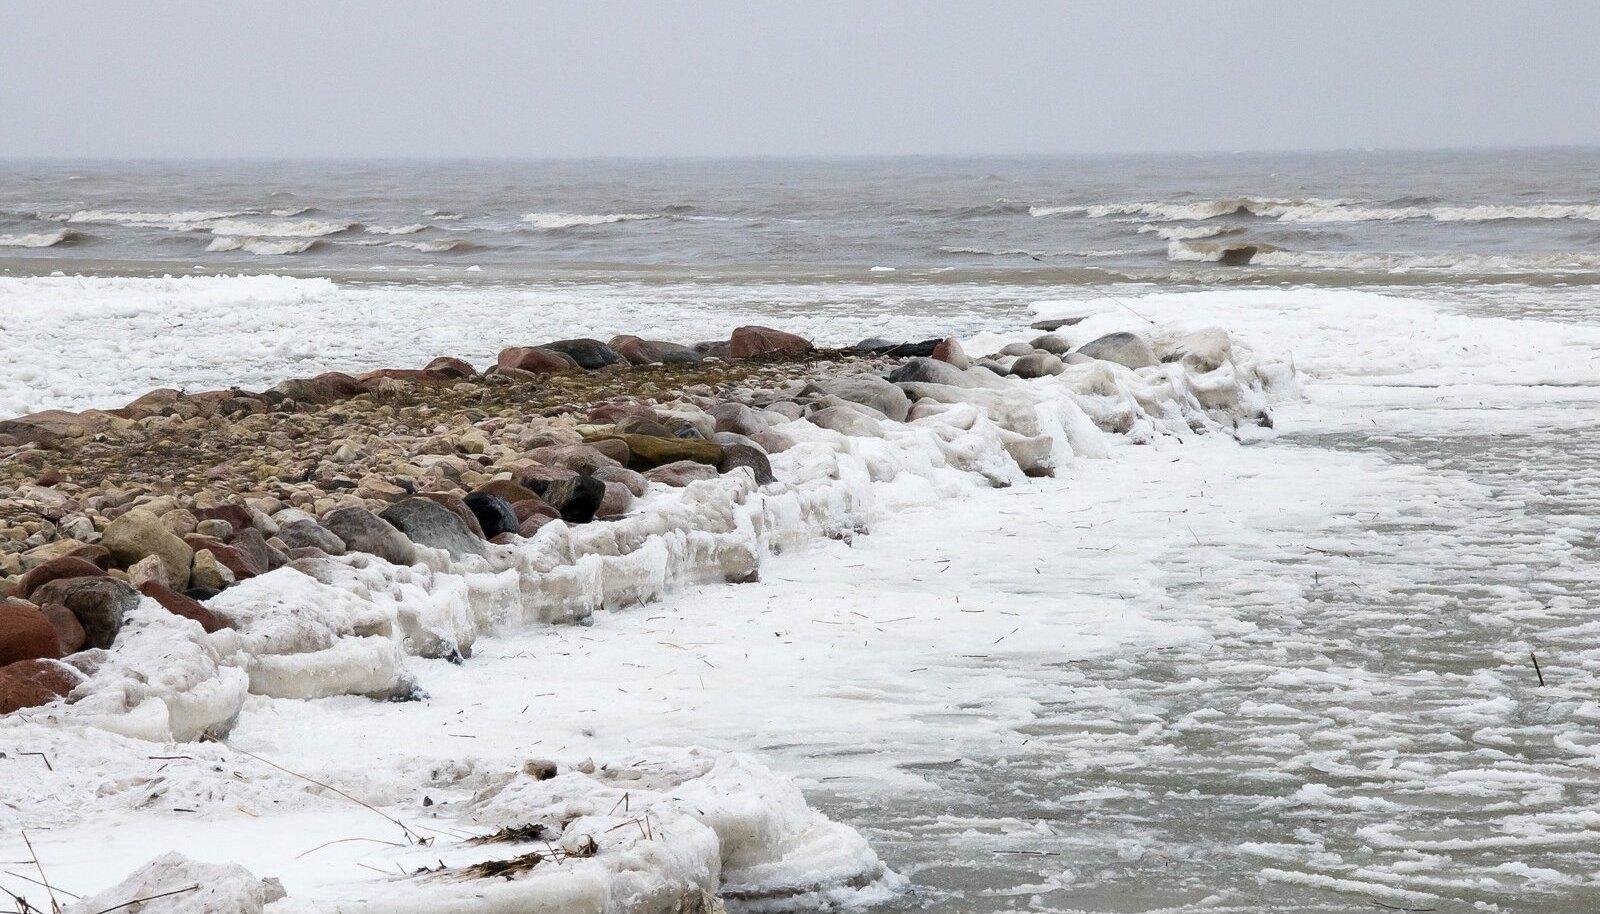 Suurim saavutus oligi vast parvlaev Hiiumaa laepaneelide lahti kangutamine. Rannikul oli tugevat tuisku, samuti öösel kuhjas jäämägesid Mändjalas ja Roomassaares, mitte küll nii suuri ja võimsaid muidugi, kui kevadel. Mõntu sadamas oli kai paksult jääs, öösel tuule kiirus oli kohati 26 m/s ja lained, mis üle kai tuulega tulid, külmusid kail jääks. Kohati sadas Saaremaal ka tihedat lund .